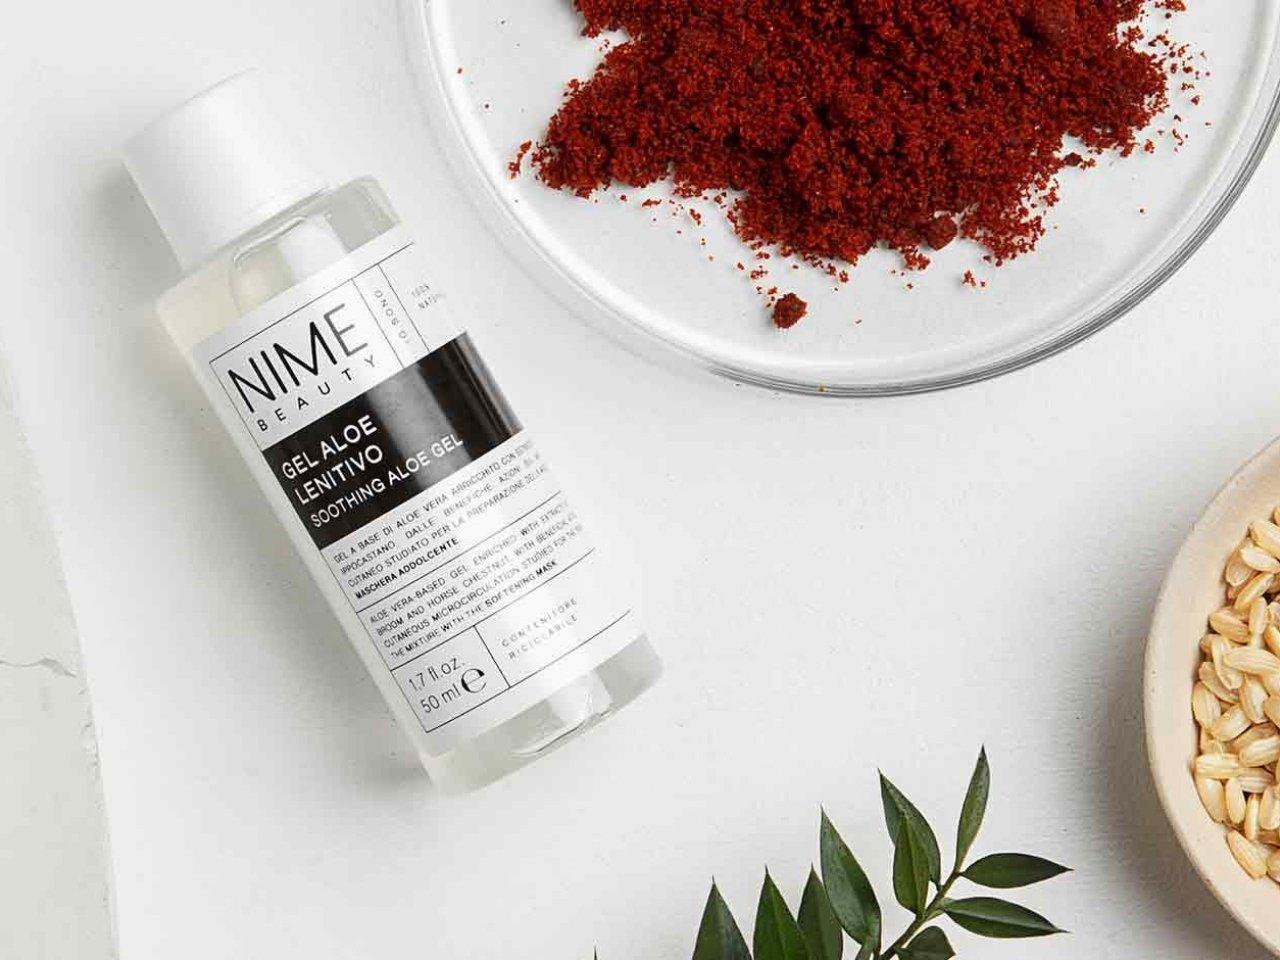 Maschera Viso Fai da Te Antiossidante + Gel Aloe Lenitivo - v6